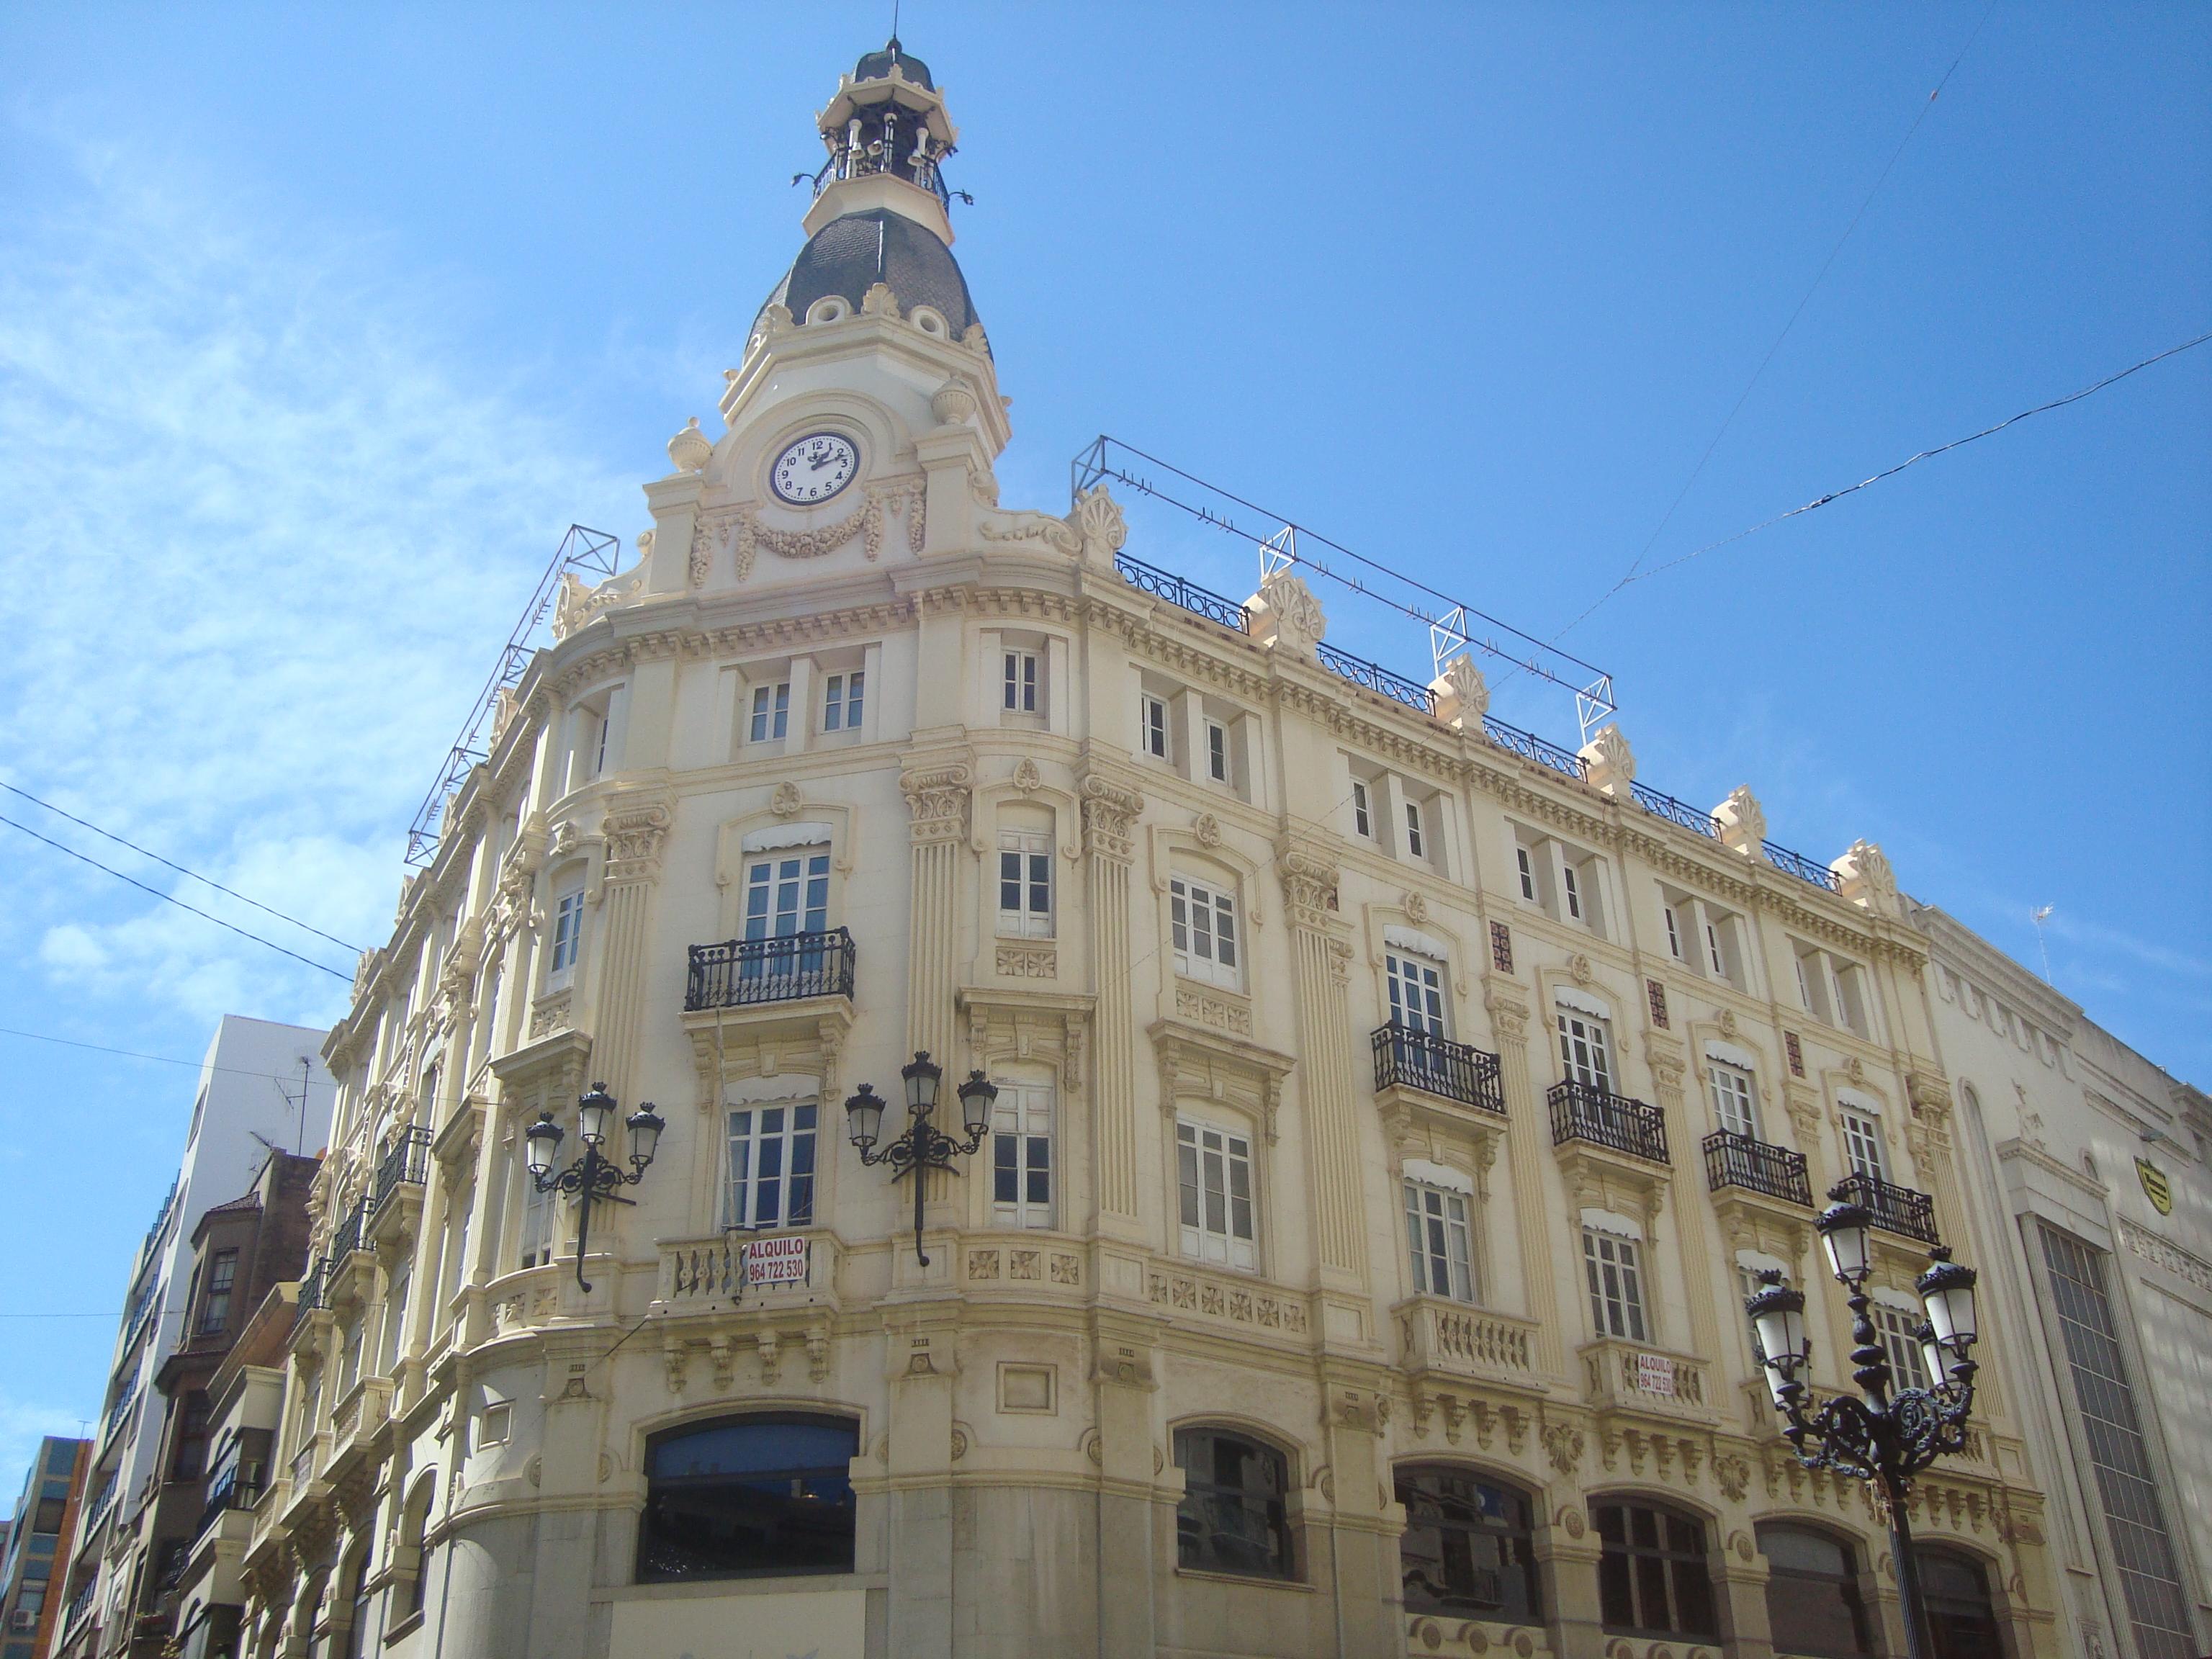 Archivo edificio banco valencia plaza puerta del sol for Fuente de la puerta del sol